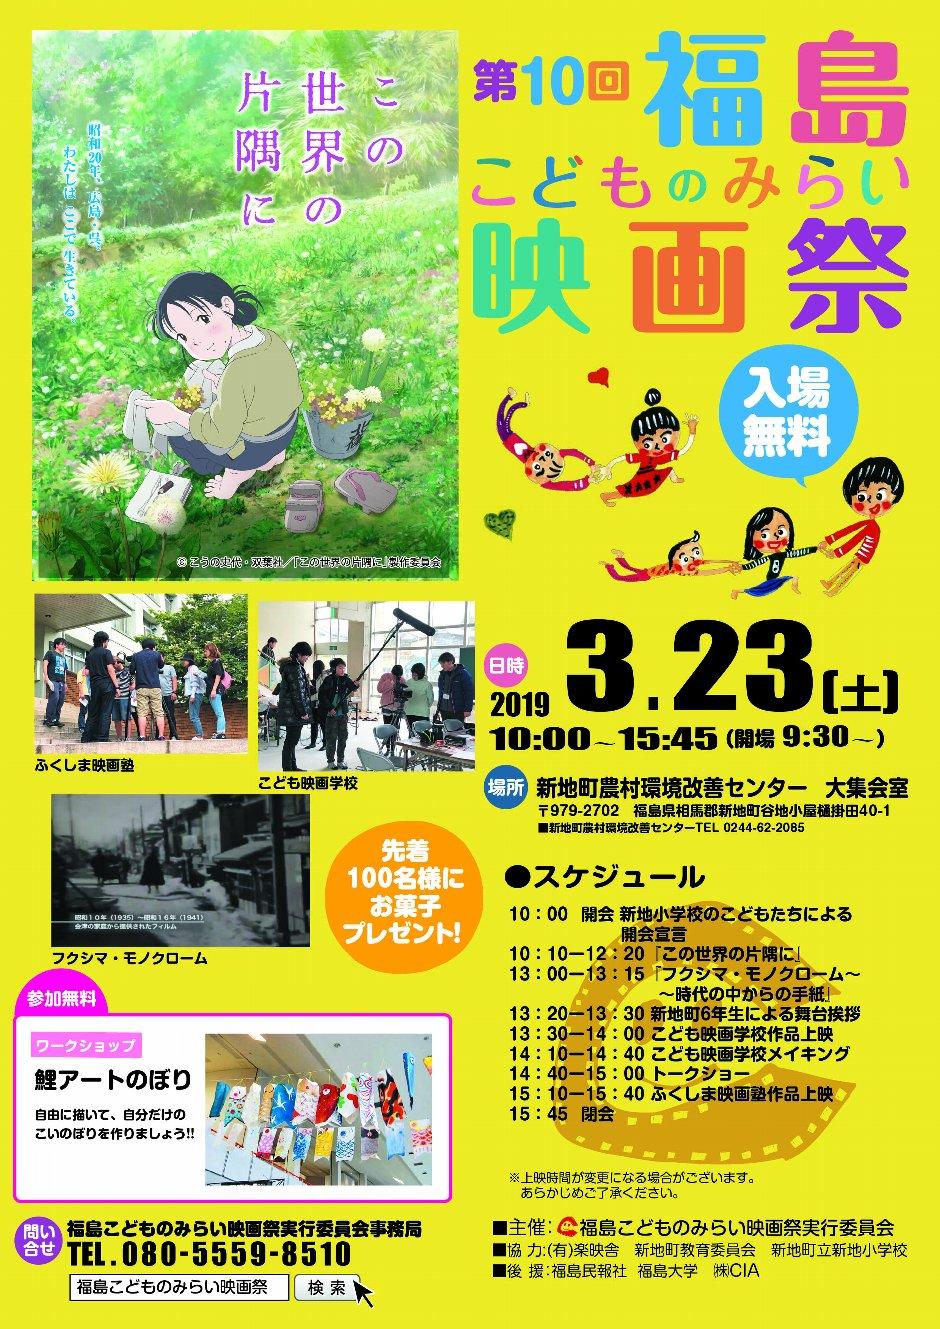 第10回福島こどものみらい映画祭 @ 新地町農村環境改善センター 大集会室